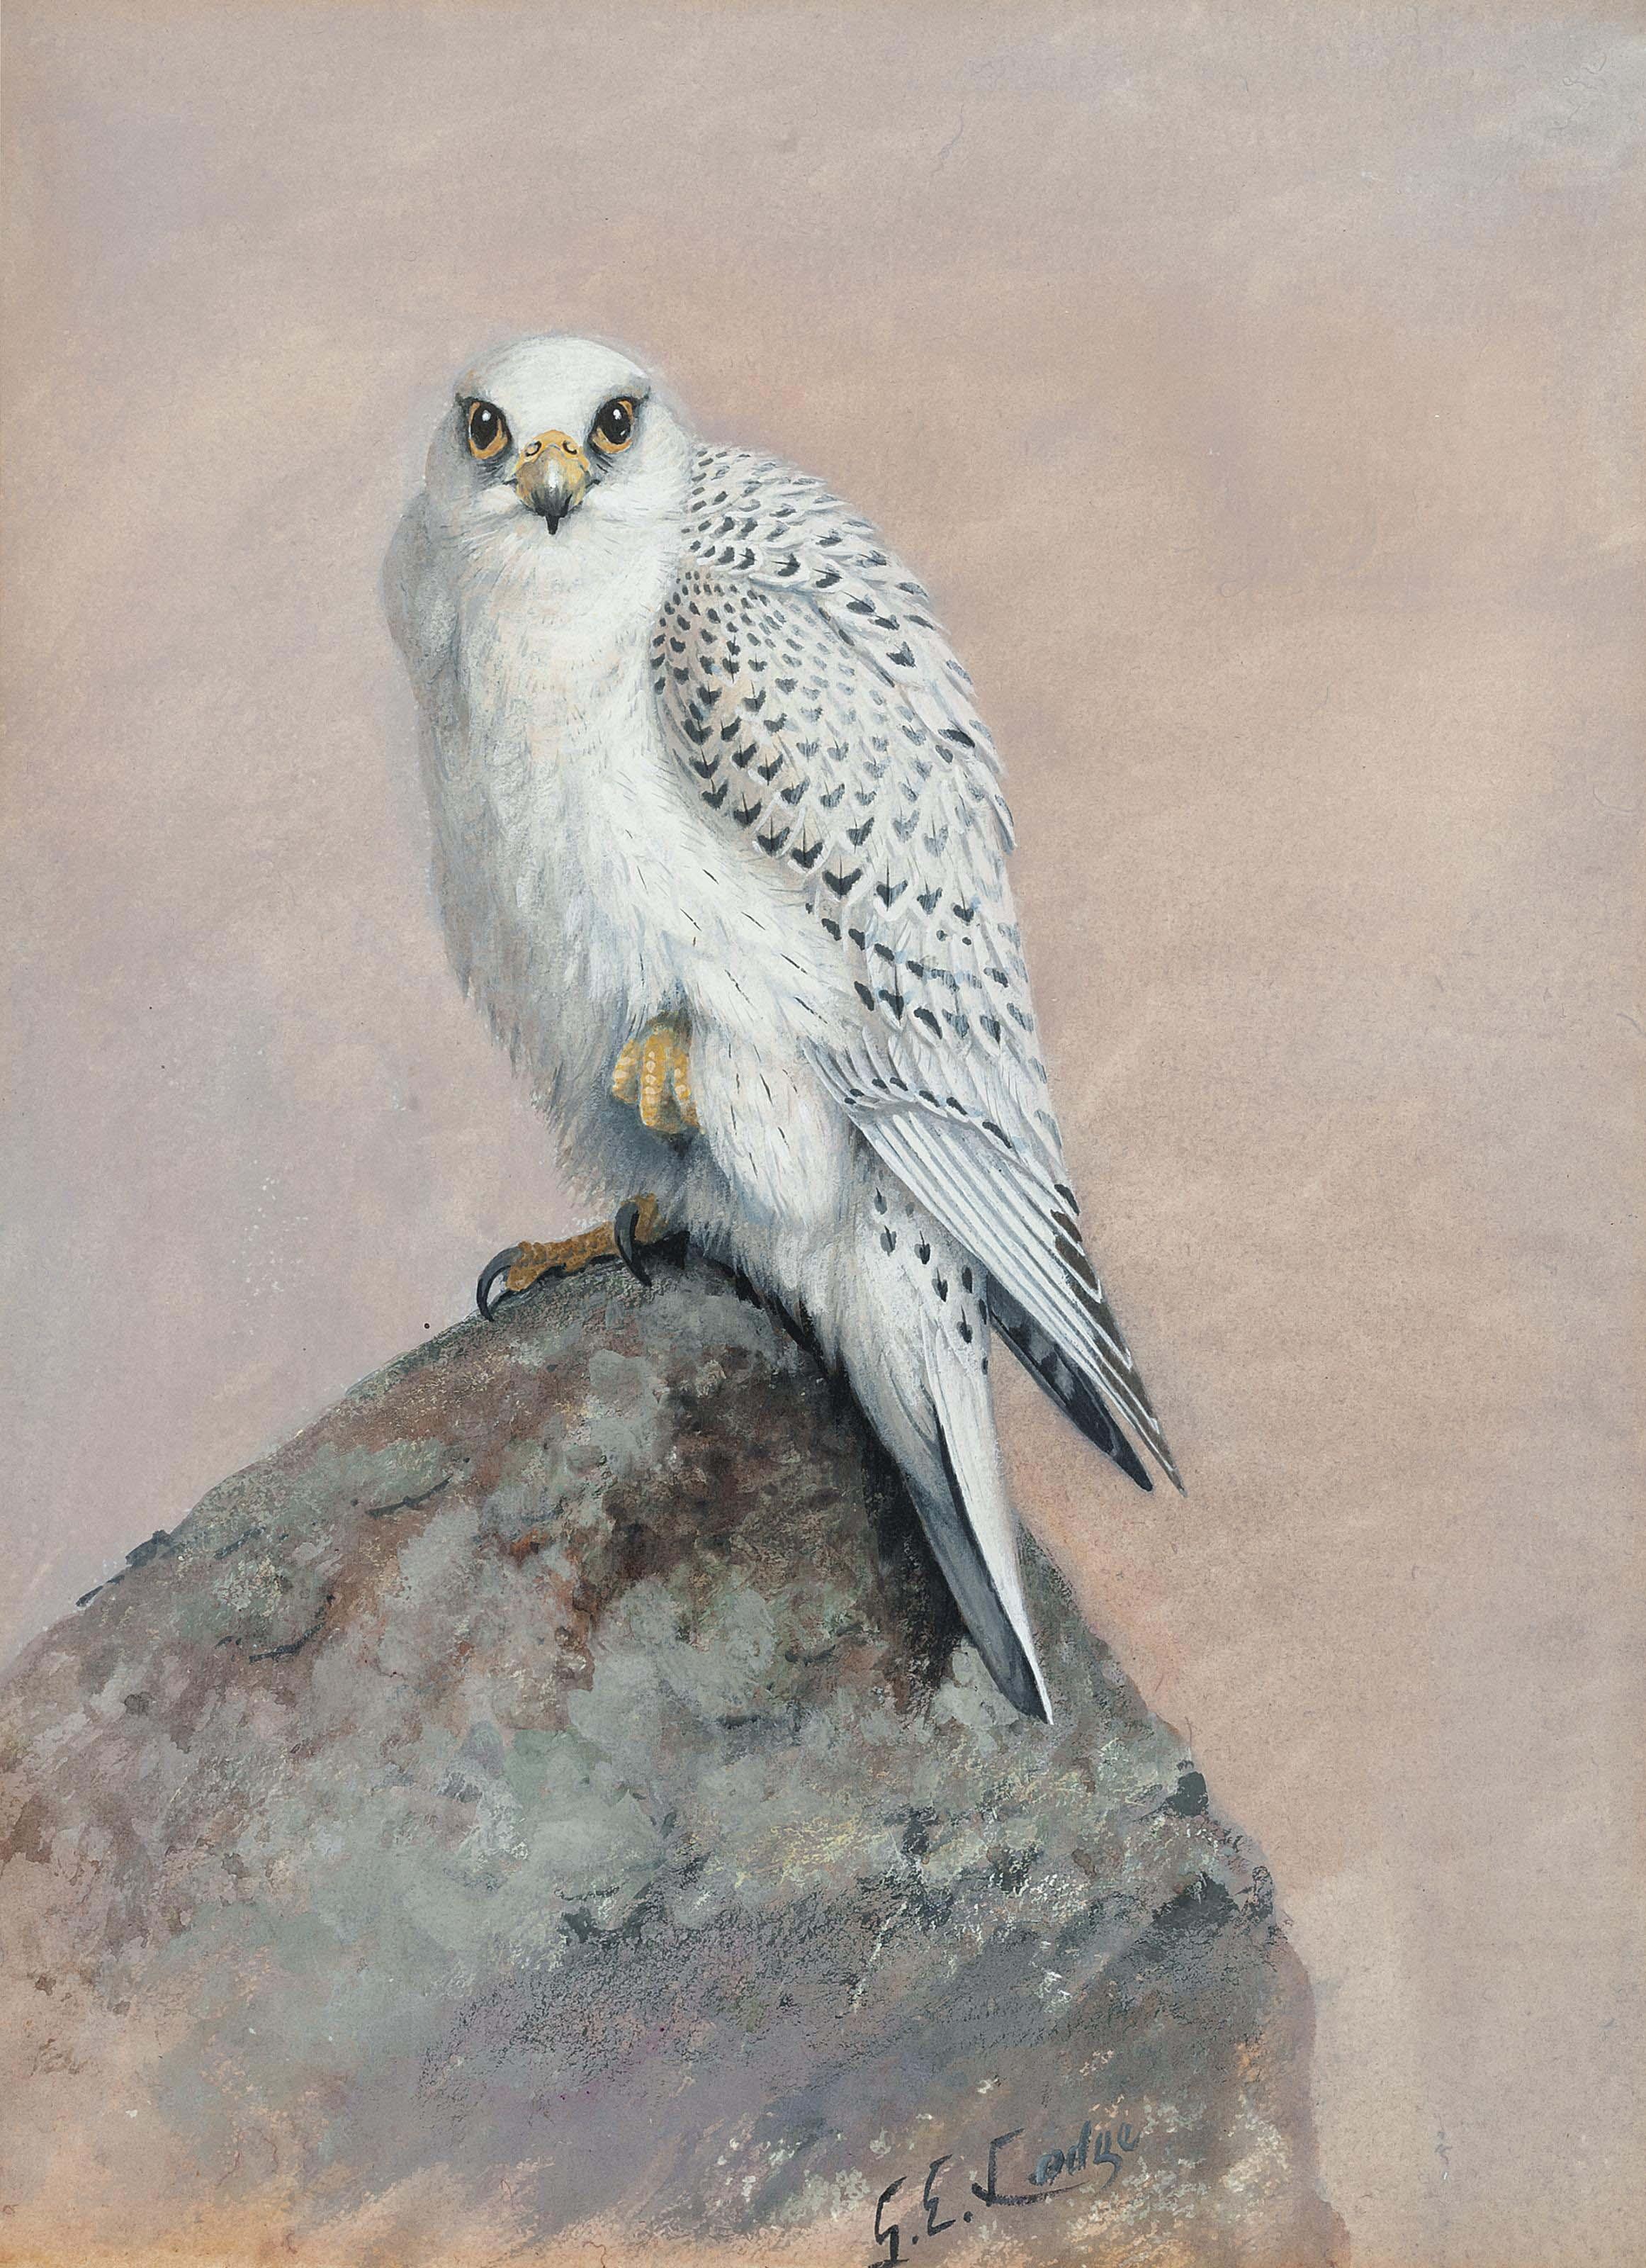 Greenland gyr falcon